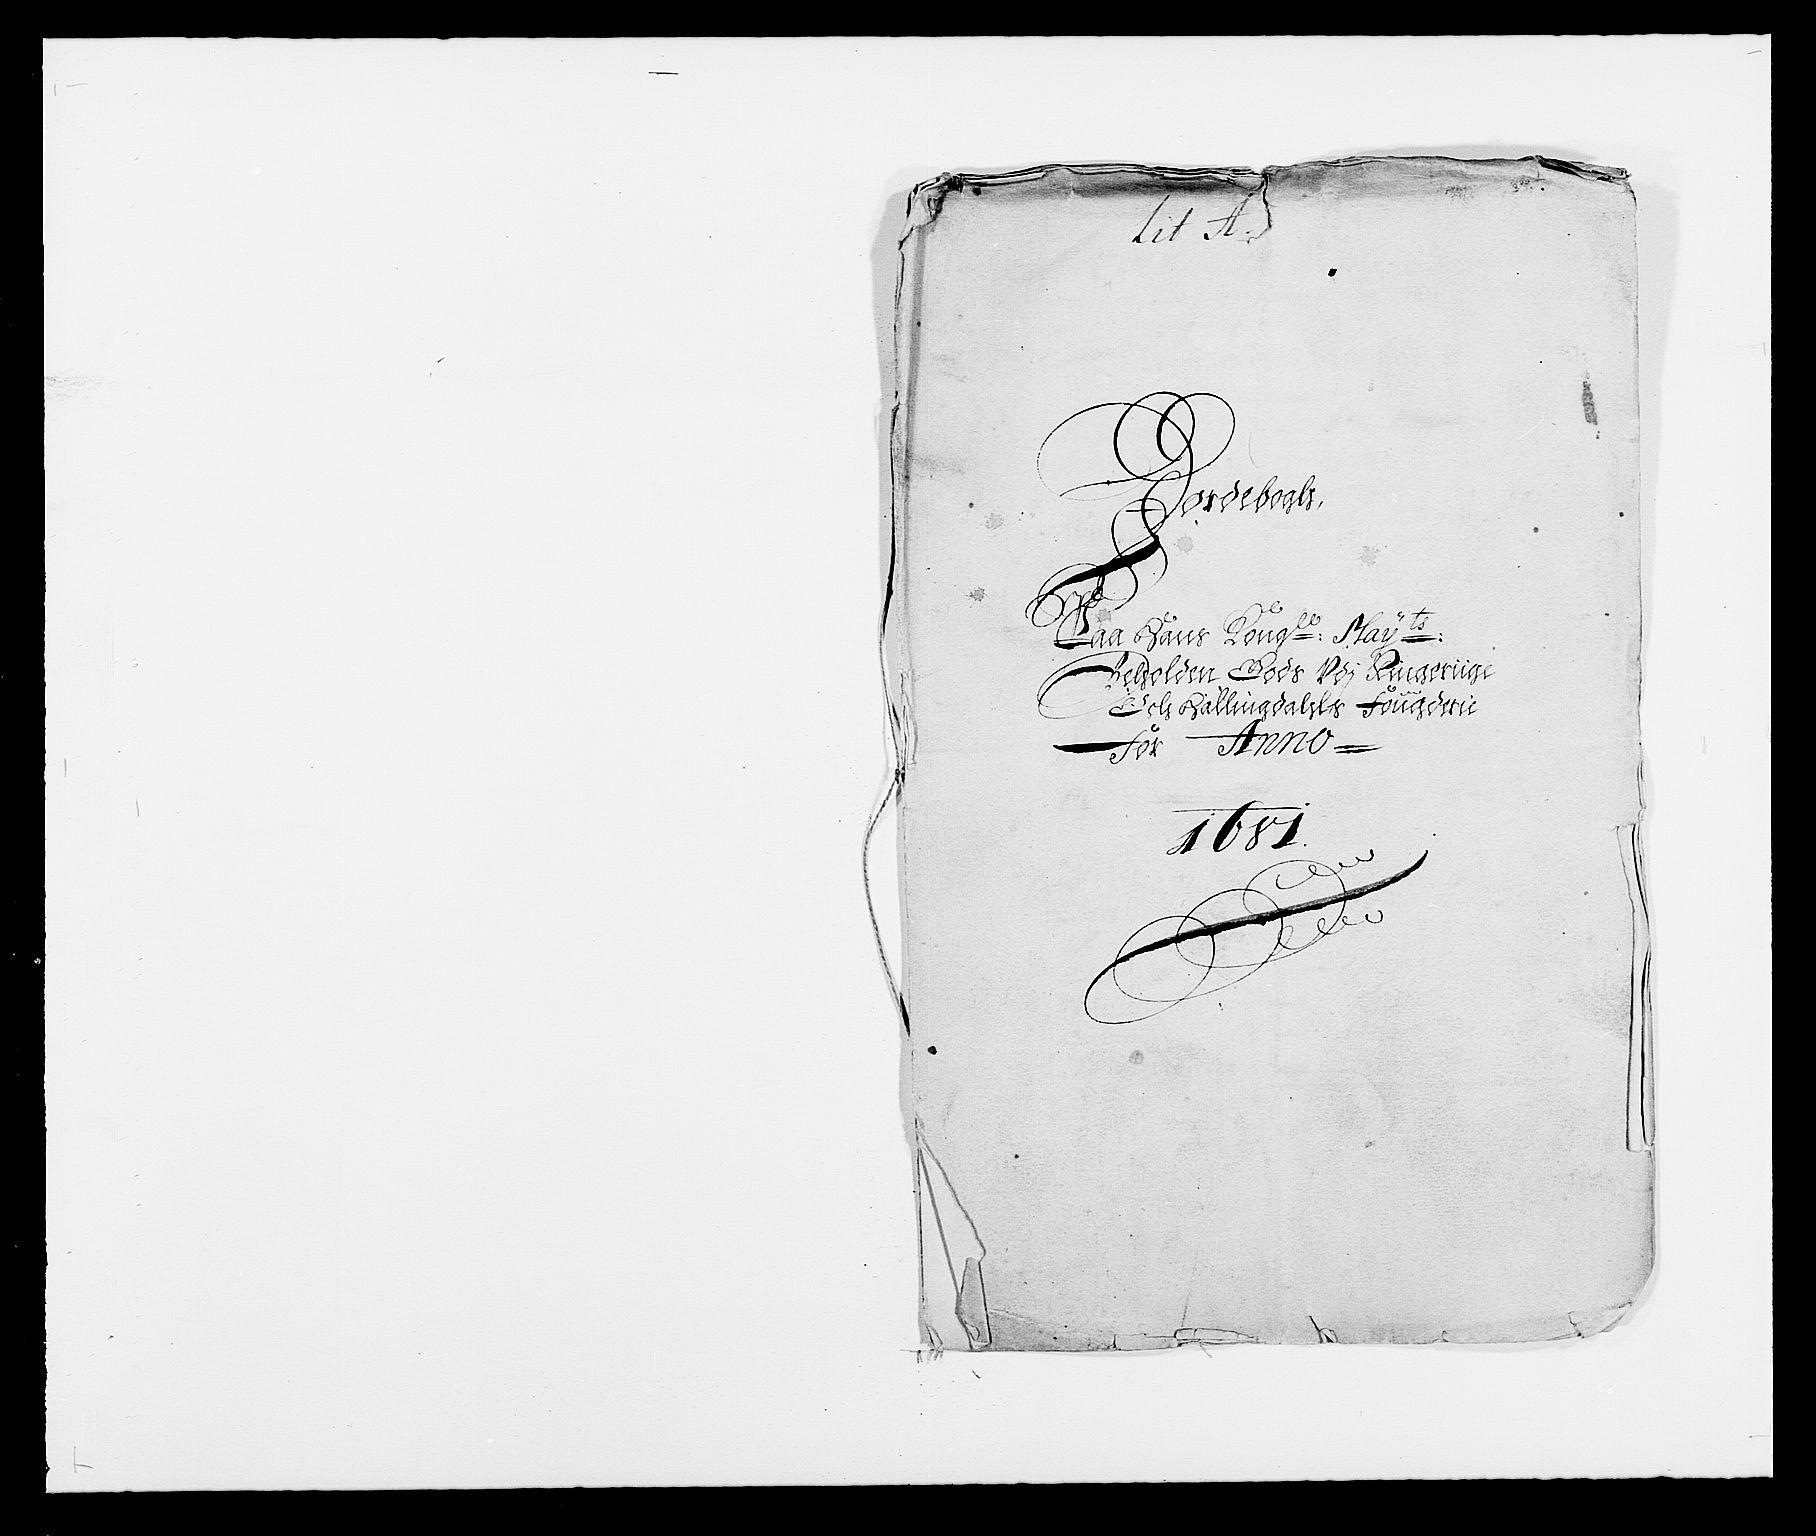 RA, Rentekammeret inntil 1814, Reviderte regnskaper, Fogderegnskap, R21/L1445: Fogderegnskap Ringerike og Hallingdal, 1681-1689, s. 36